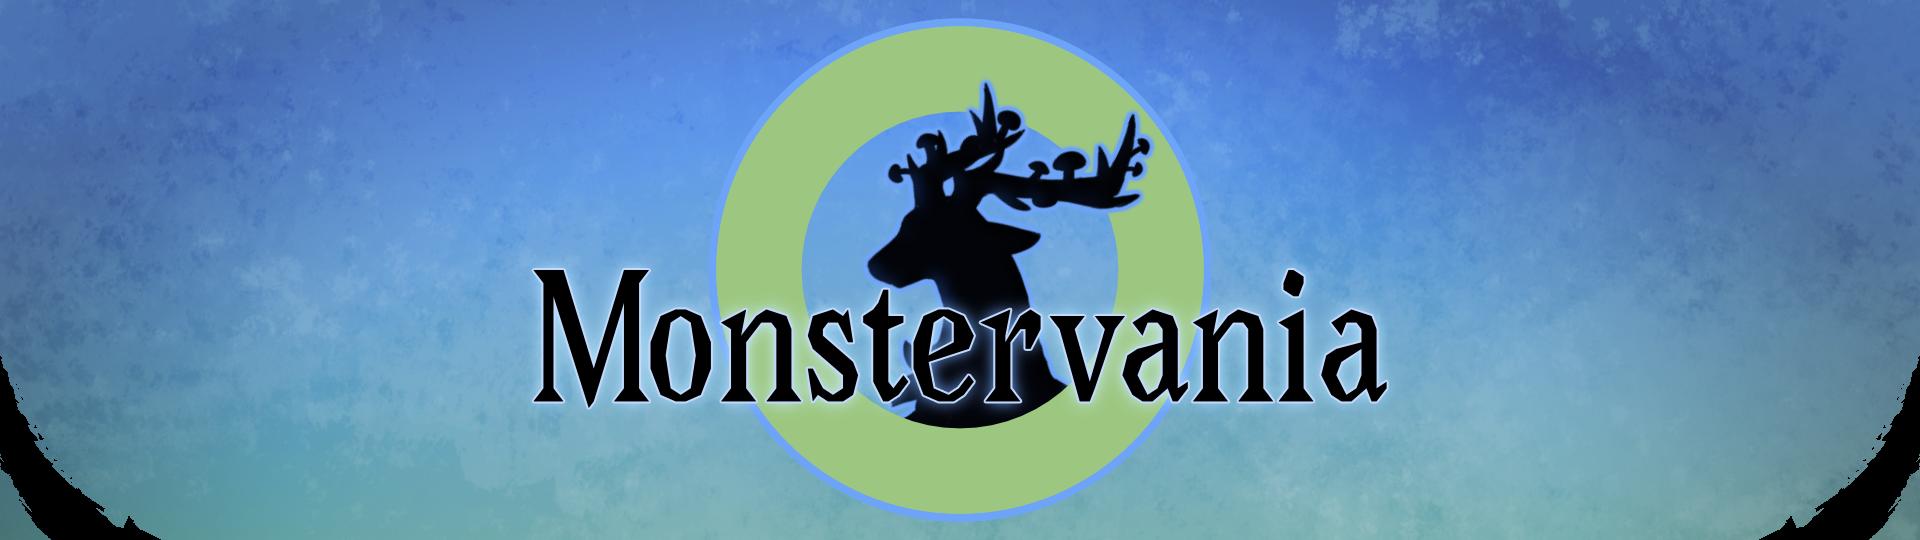 Monstervania